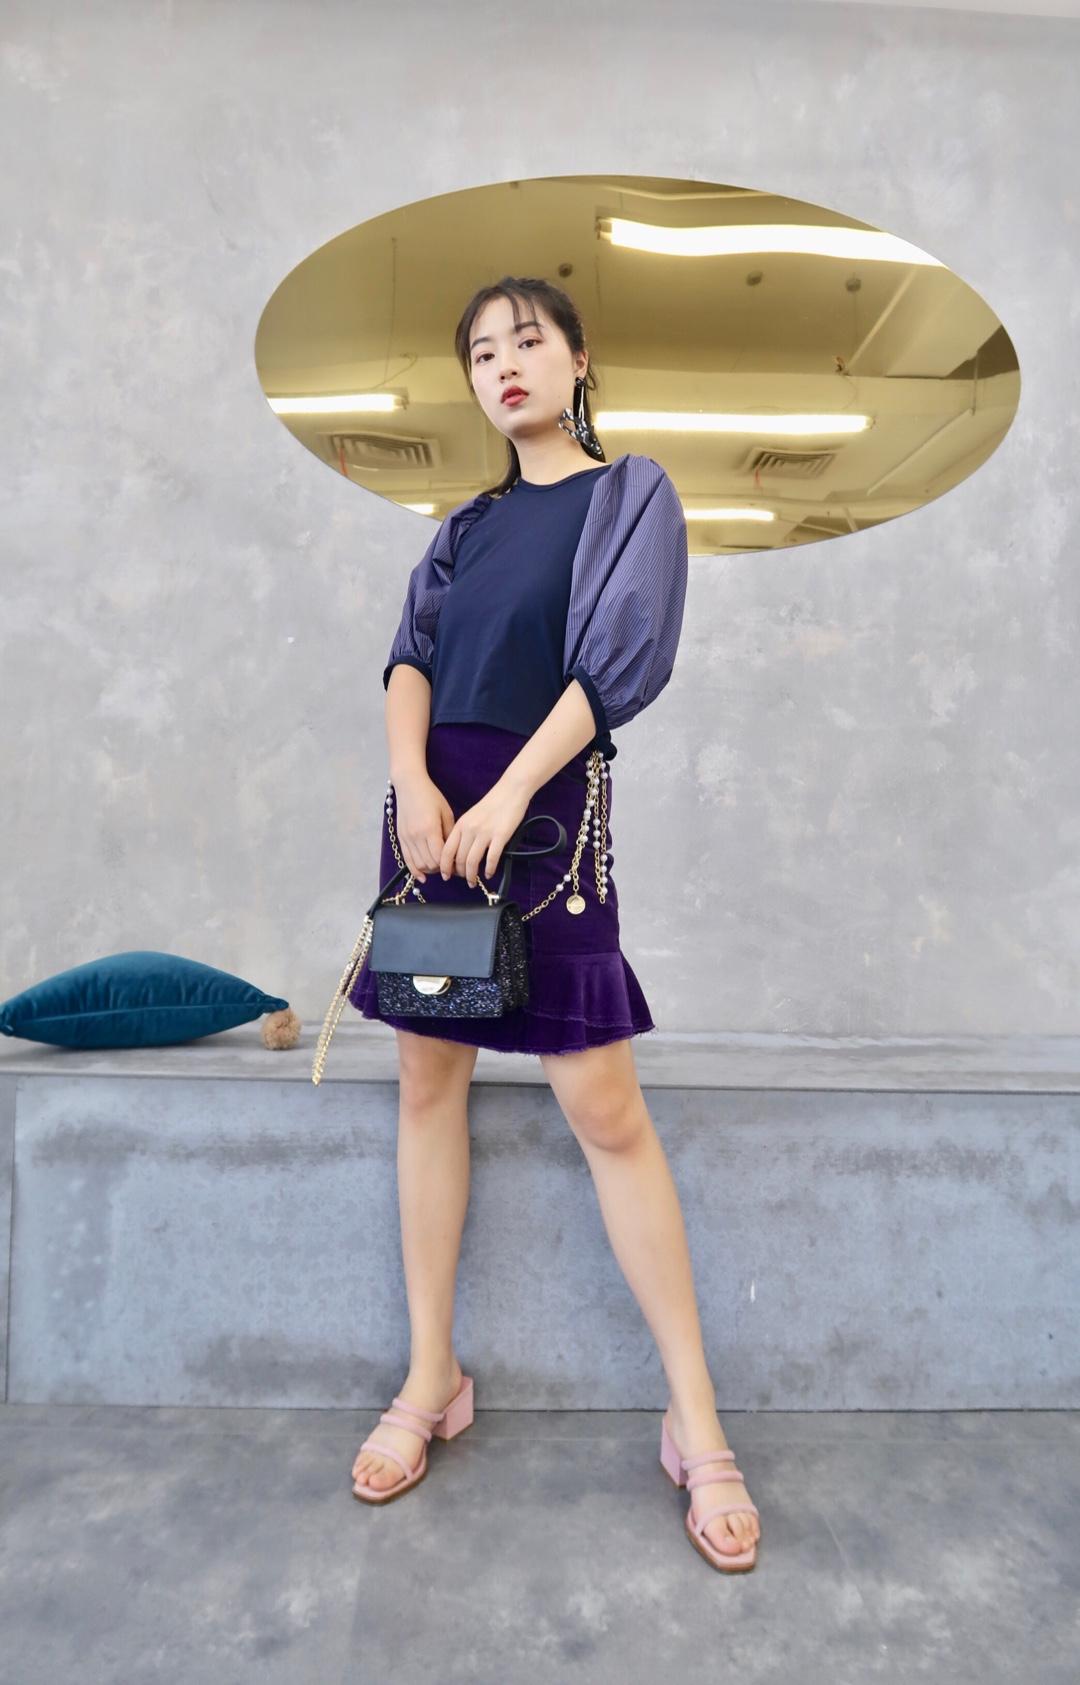 #偷师网红!小个子夏日这样穿# 好韩的一套look 紫色系相当亮眼 化身有钱人家的腹黑千金 灯笼袖设计感很强 超级能遮肉 最爱短裙的灯芯绒面料 相当舒服特别哟